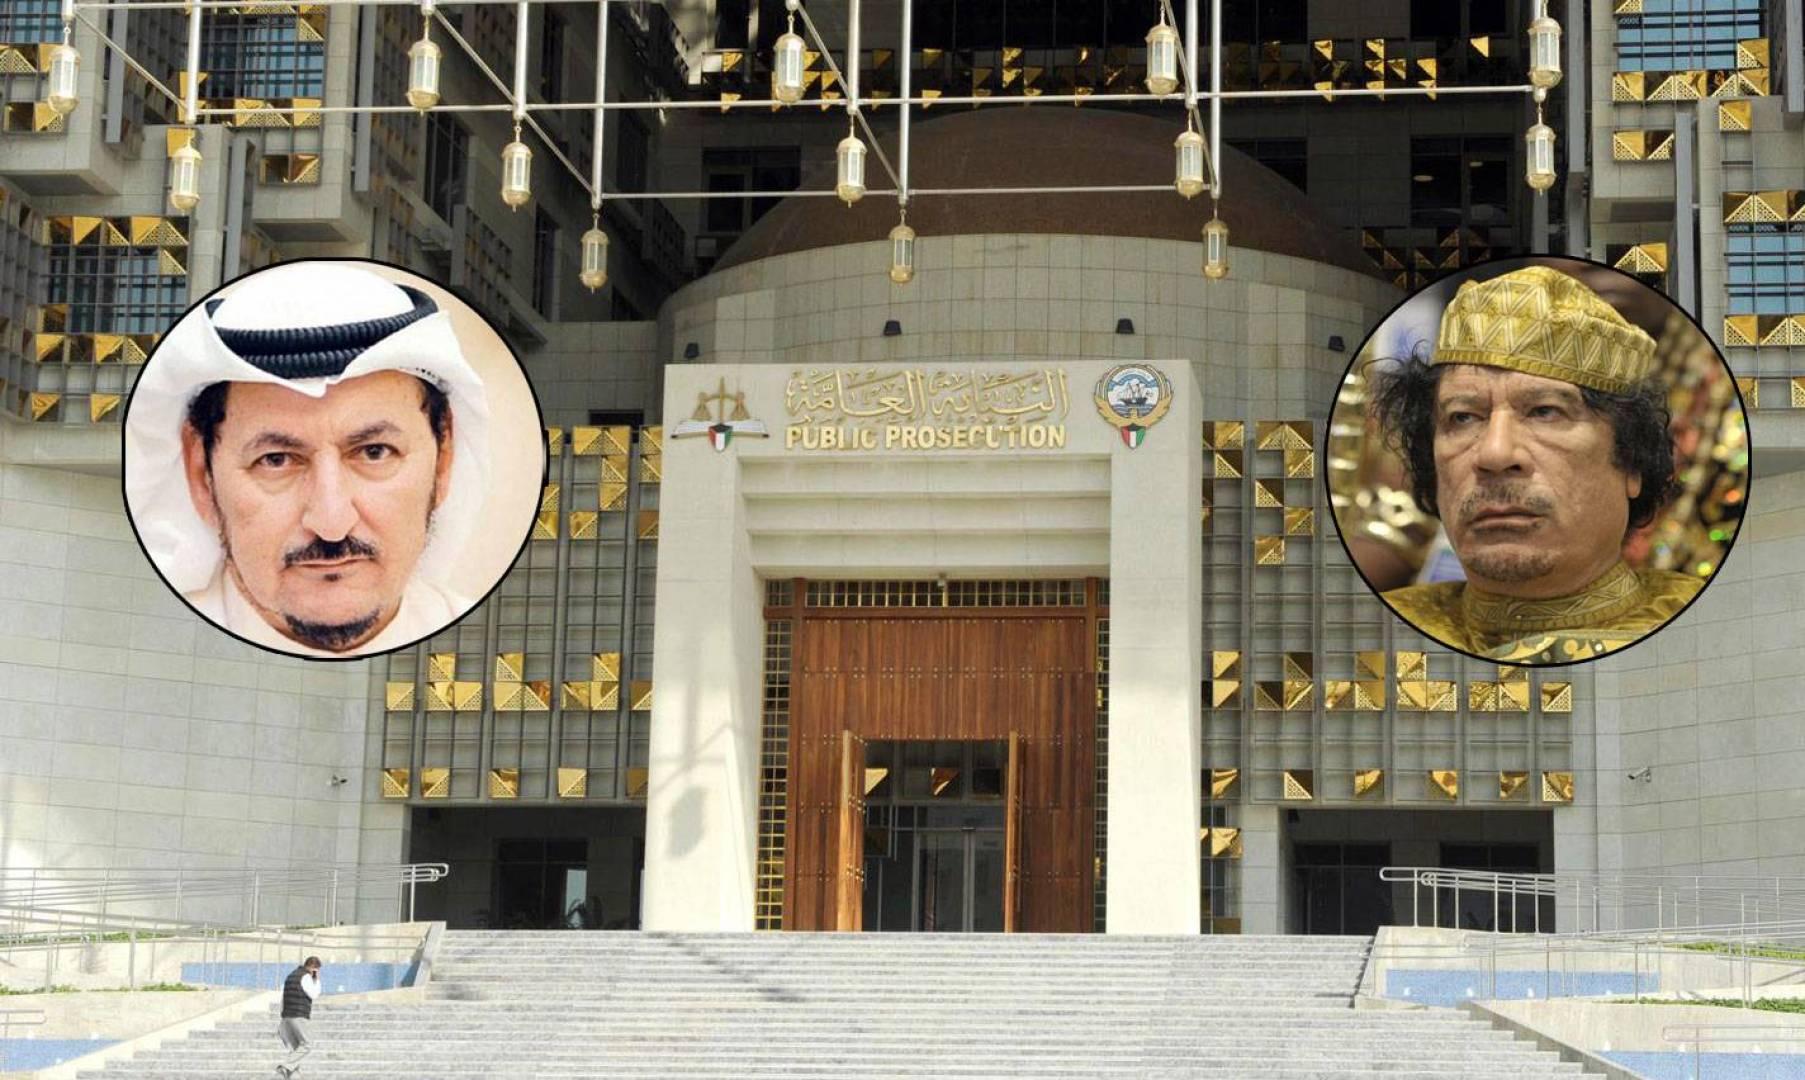 النائب العام يأمر بضبط وإحضار مبارك الدويلة بسبب تسريبات القذافي